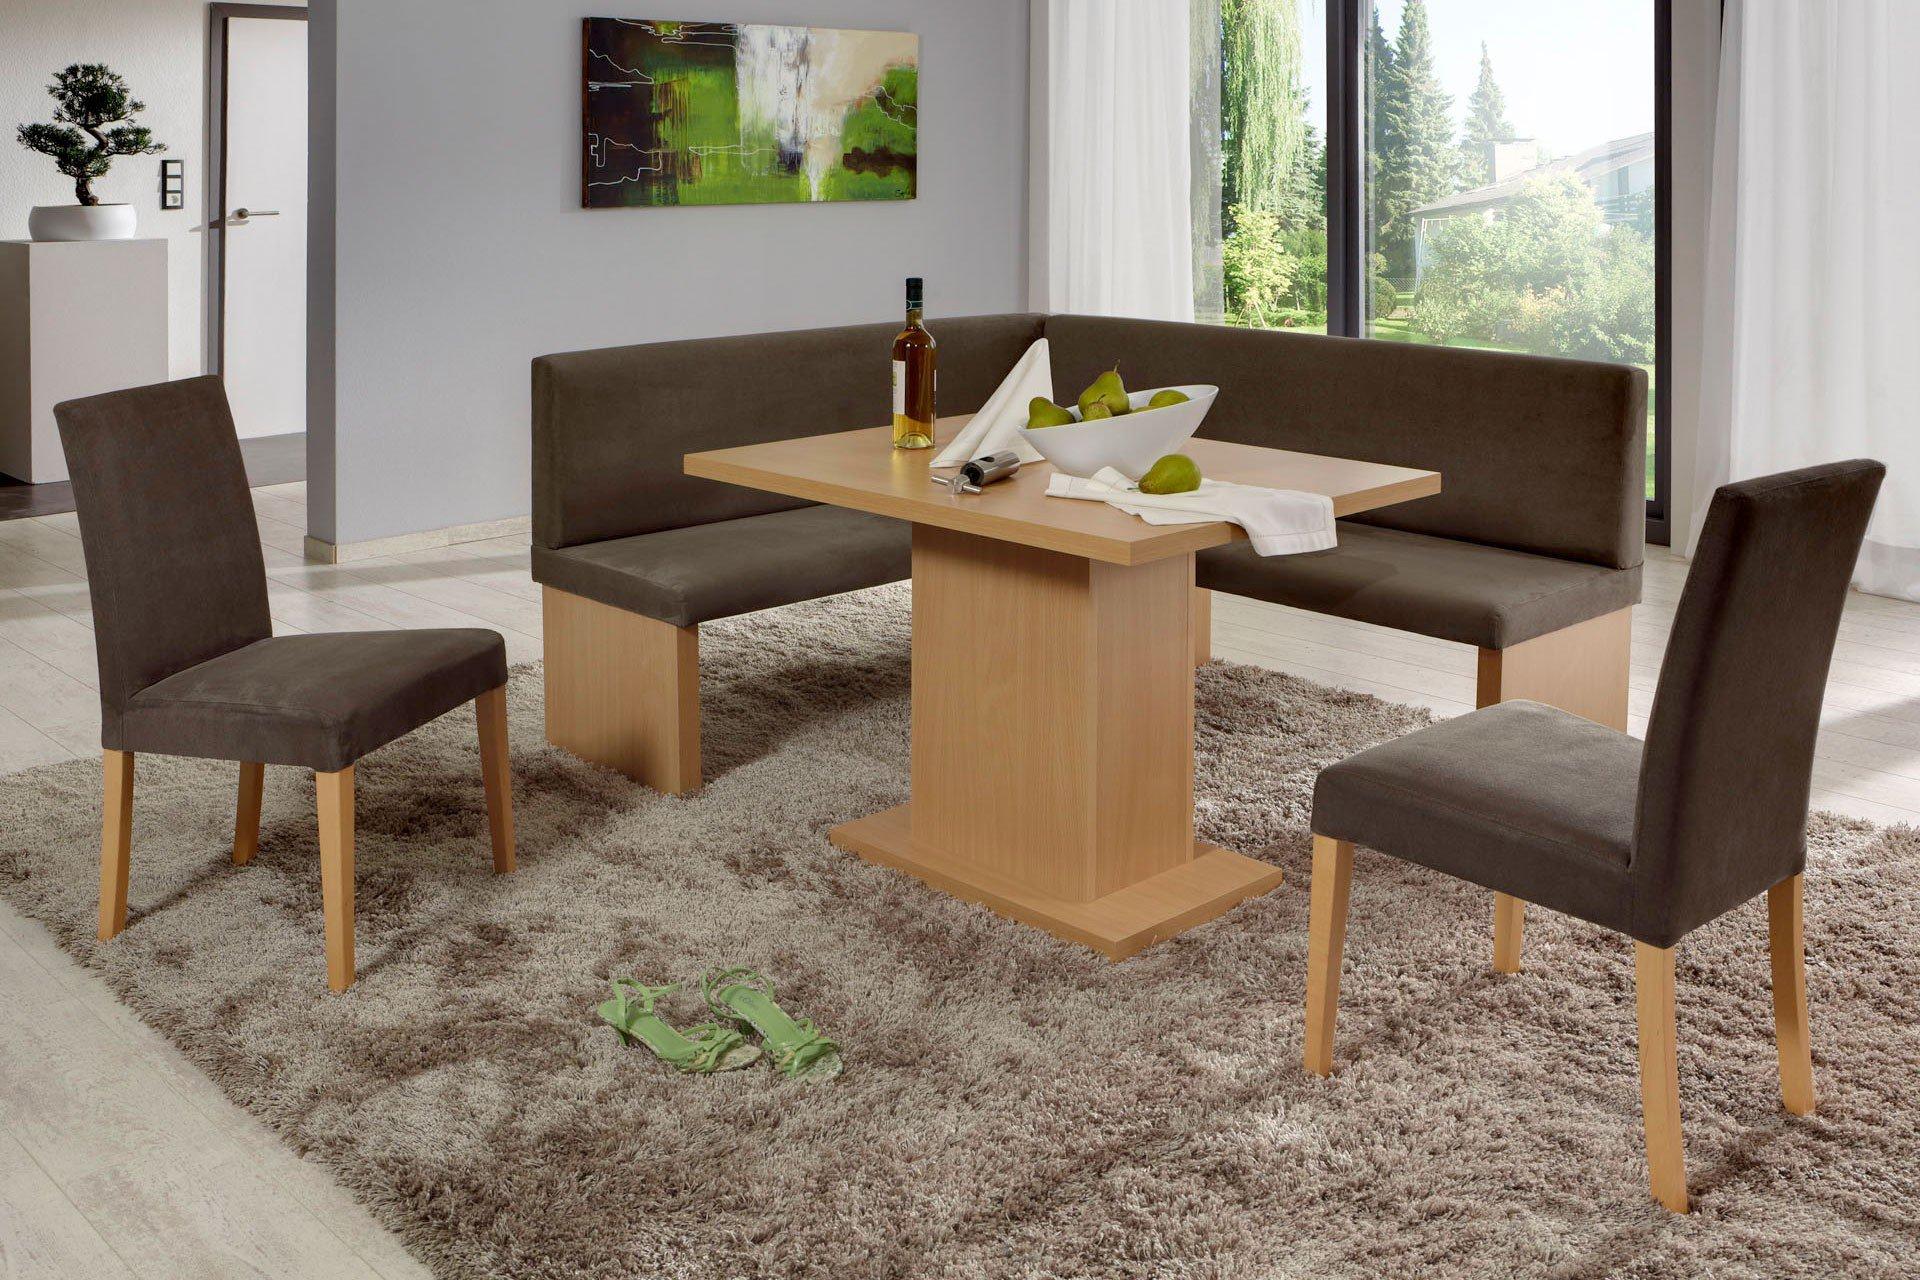 Charleen Von Top Form   Eckbankgruppe Buche Natur/ Beige Braun